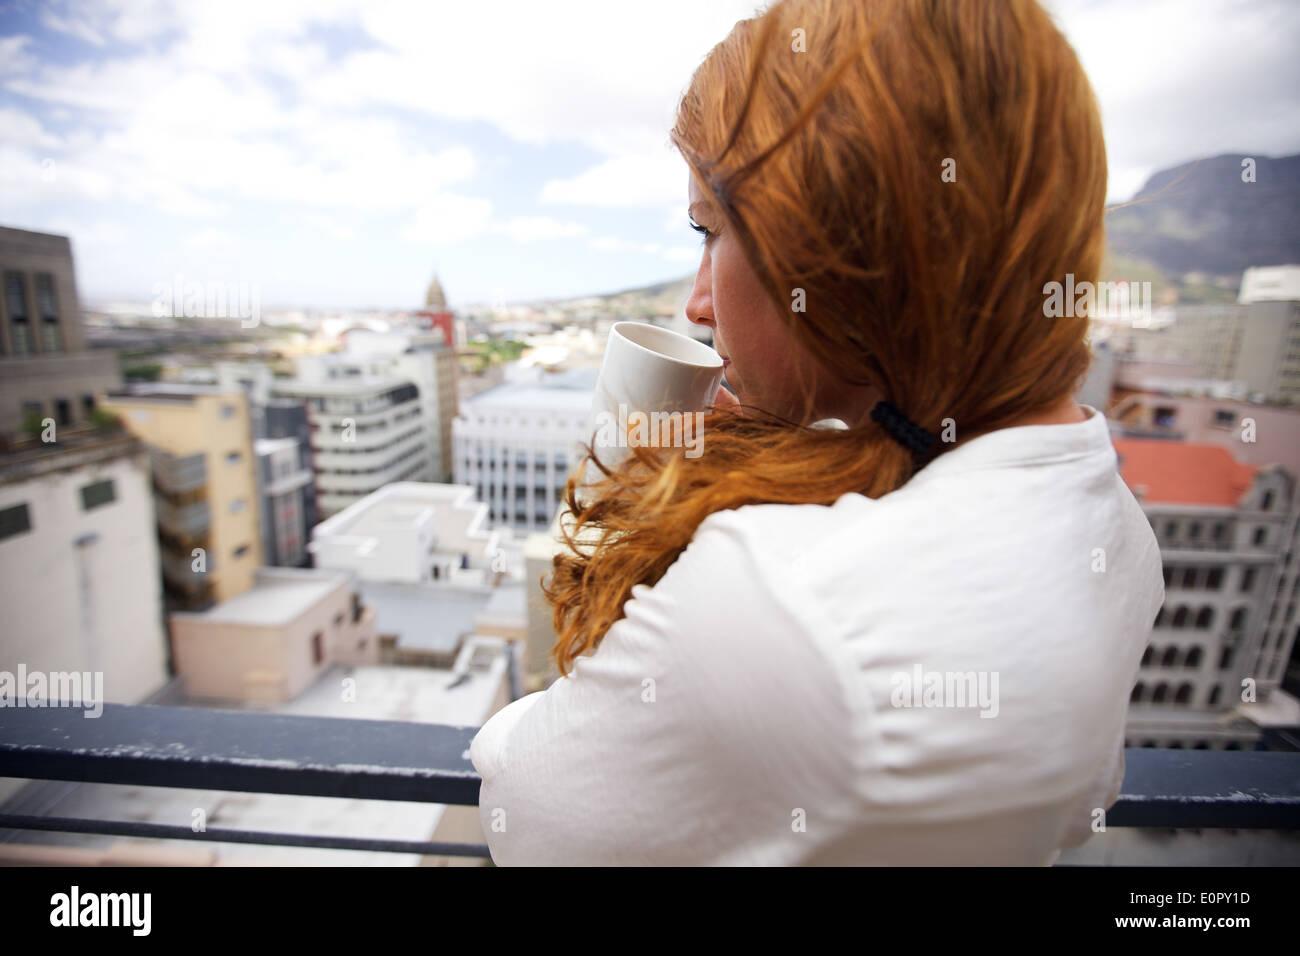 Attraktive Brünette steht auf einem Balkon mit einer Tasse Kaffee. Junge Frau mit Blick vom Balkon beim Kaffeetrinken. Stockfoto